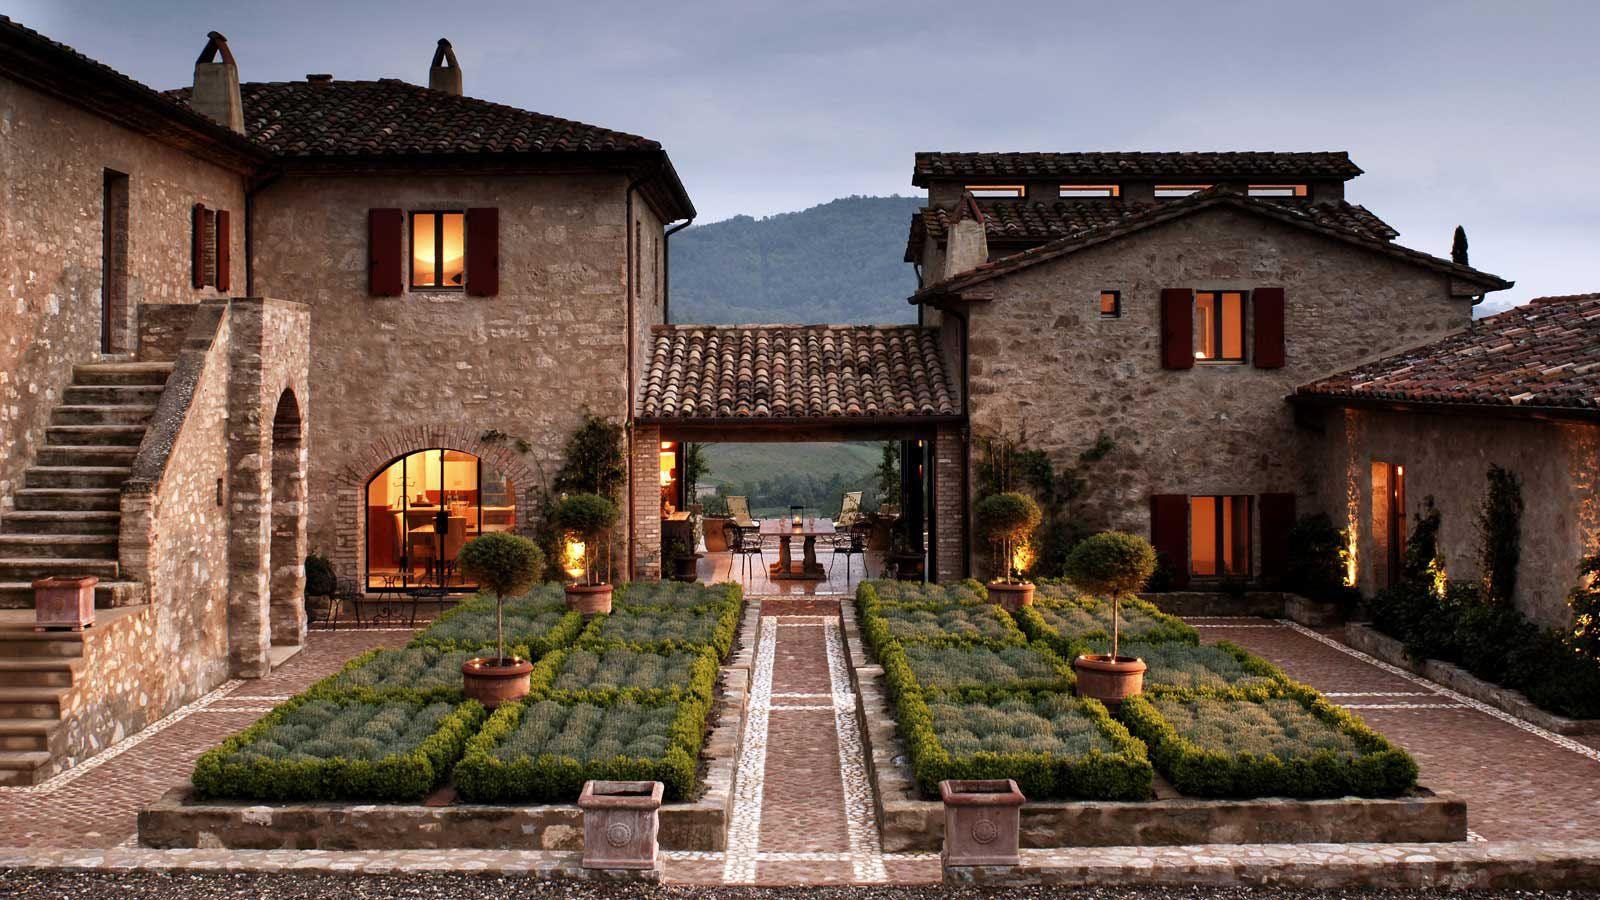 Luxury Estate Of Castello Di Reschio In Umbria Italy